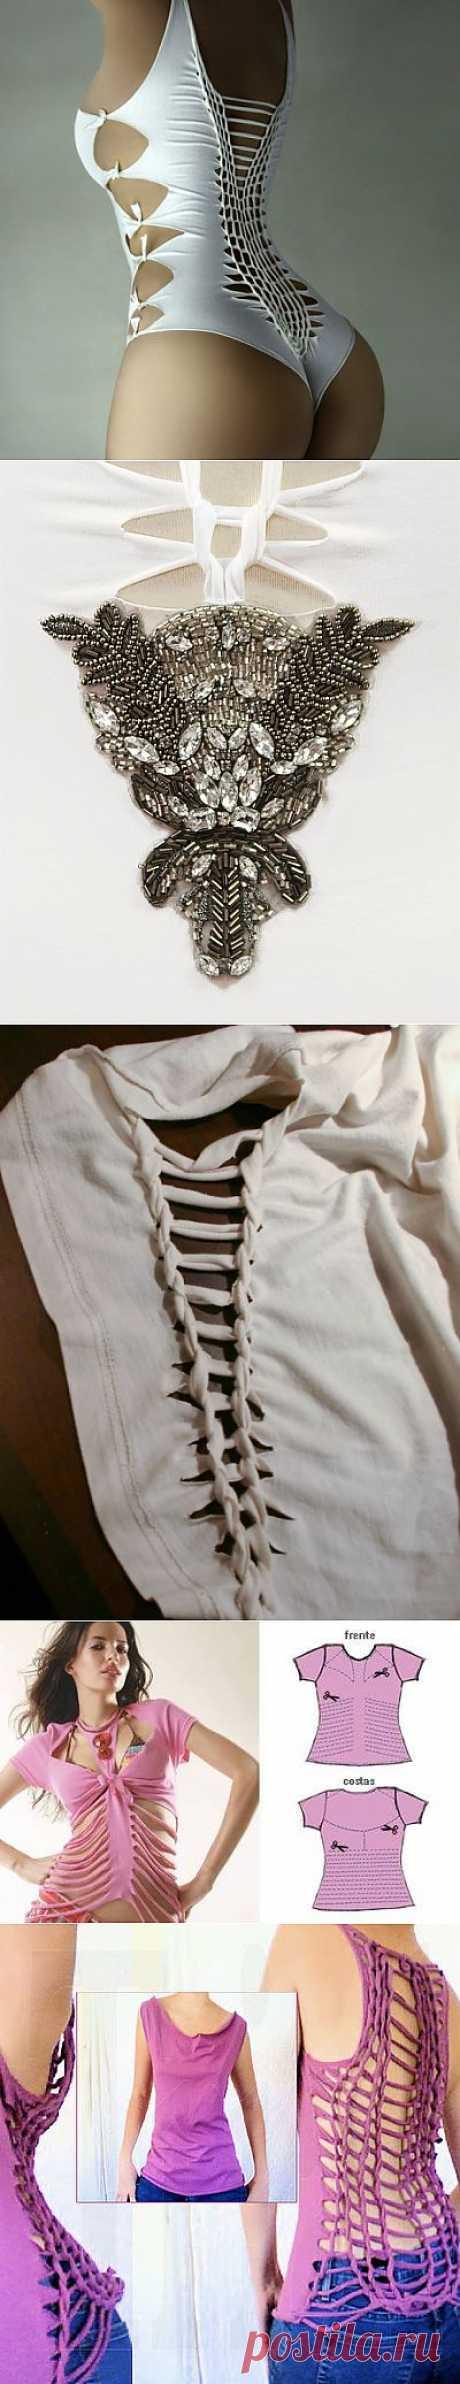 Как переделать футболку и подарить старым вещам новую модную жизнь?